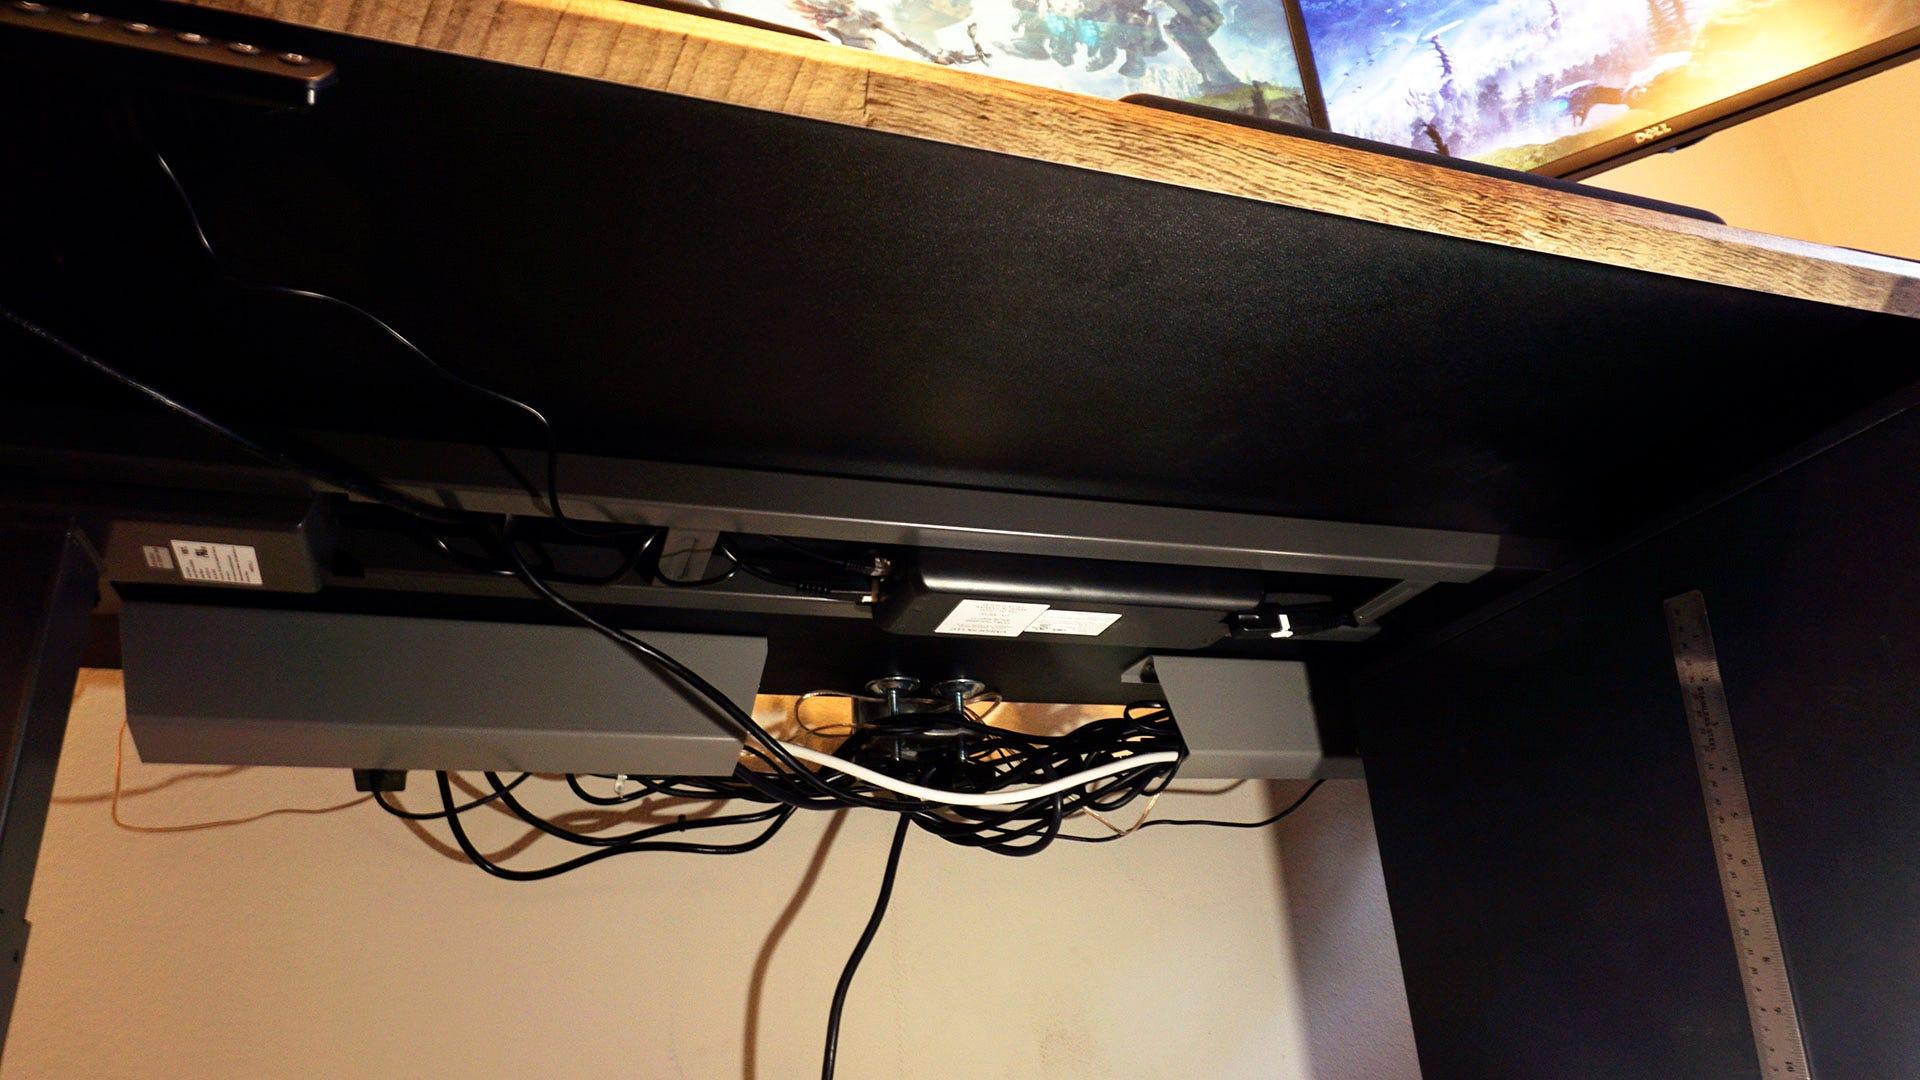 Vari Desk frame from underneath